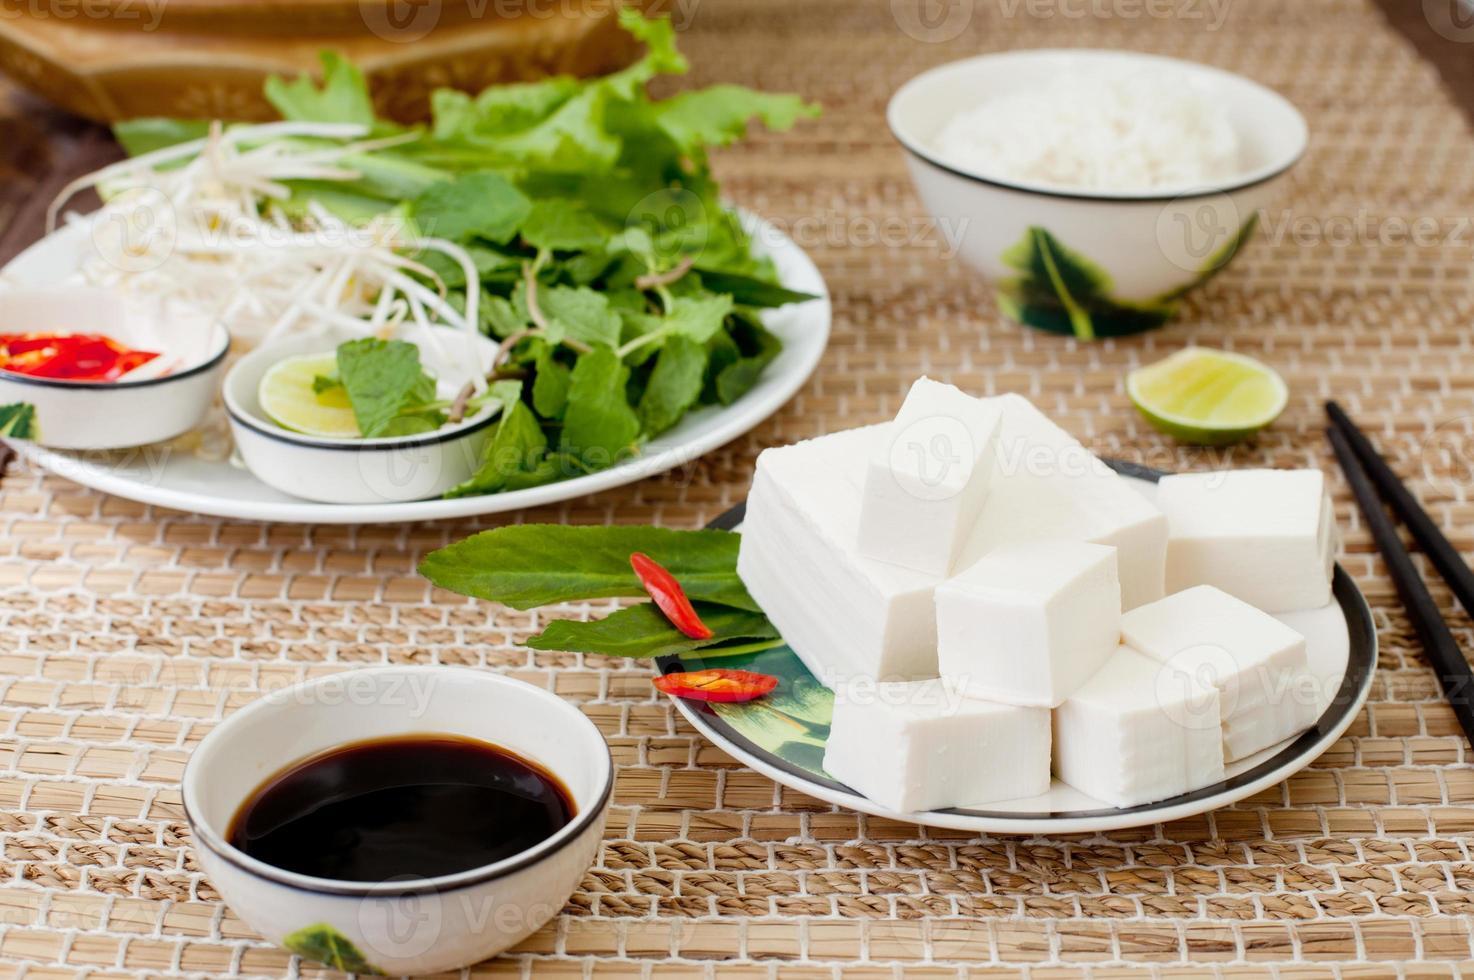 tofu fresco com arroz, salada e molho de soja. foto